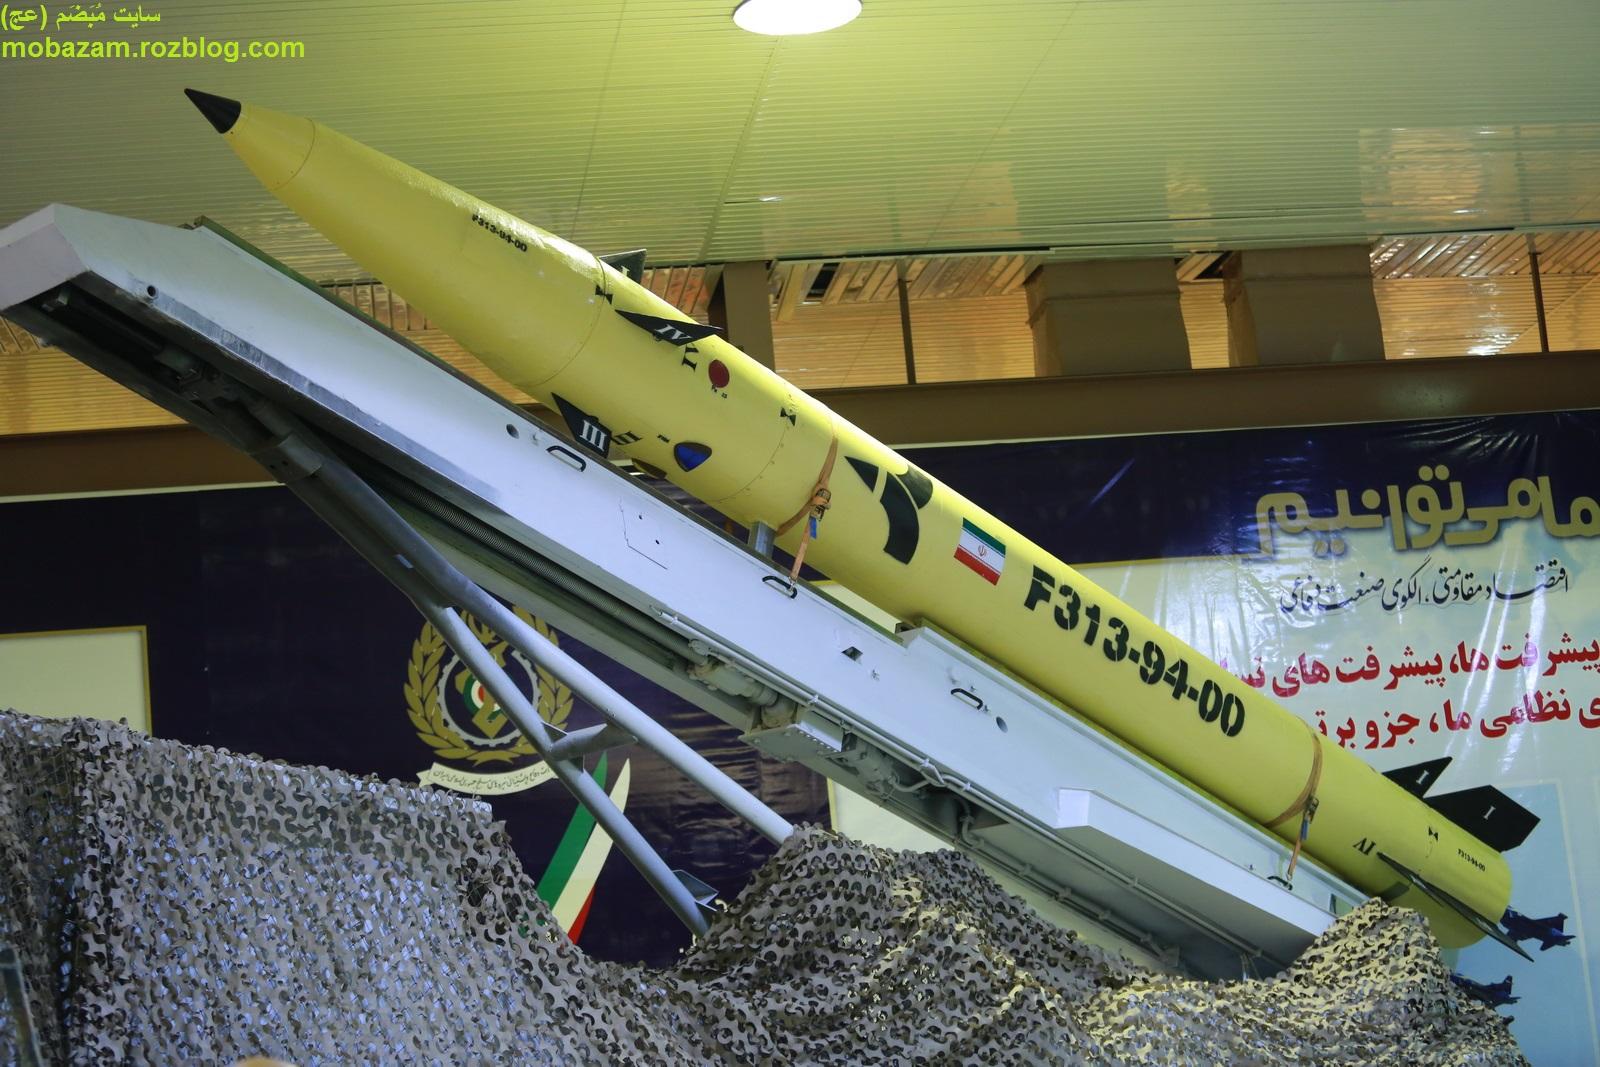 نظر رسانههای خارجی درباره موشک فاتح ۳۱۳ + تصاویر